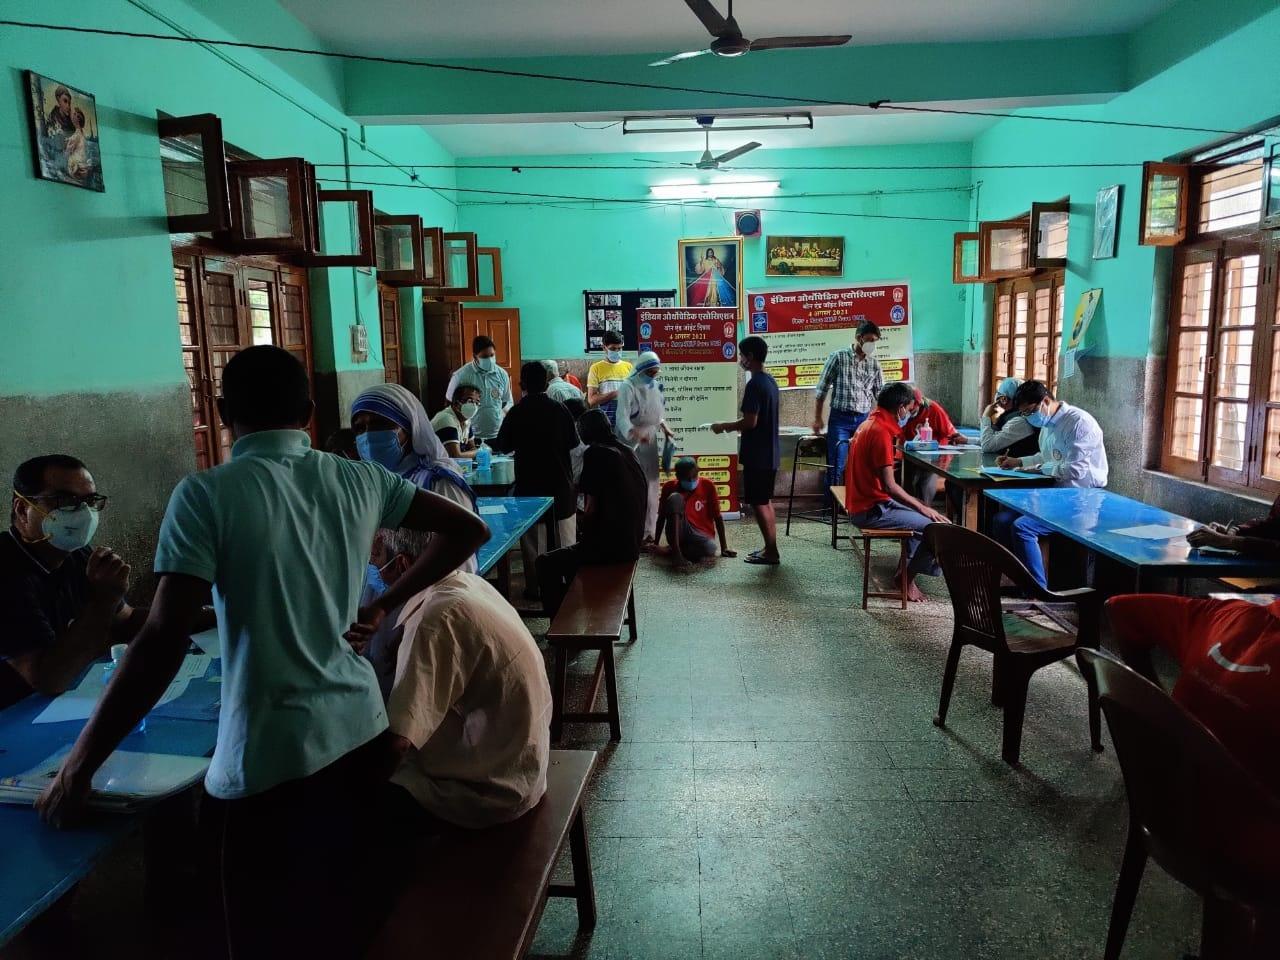 Indian Orthopedic Association: ऑर्थोपेडिक एसोसिएशन ने वृध्दाश्रमों में किया बुजुर्गों का स्वास्थ्य परीक्षण